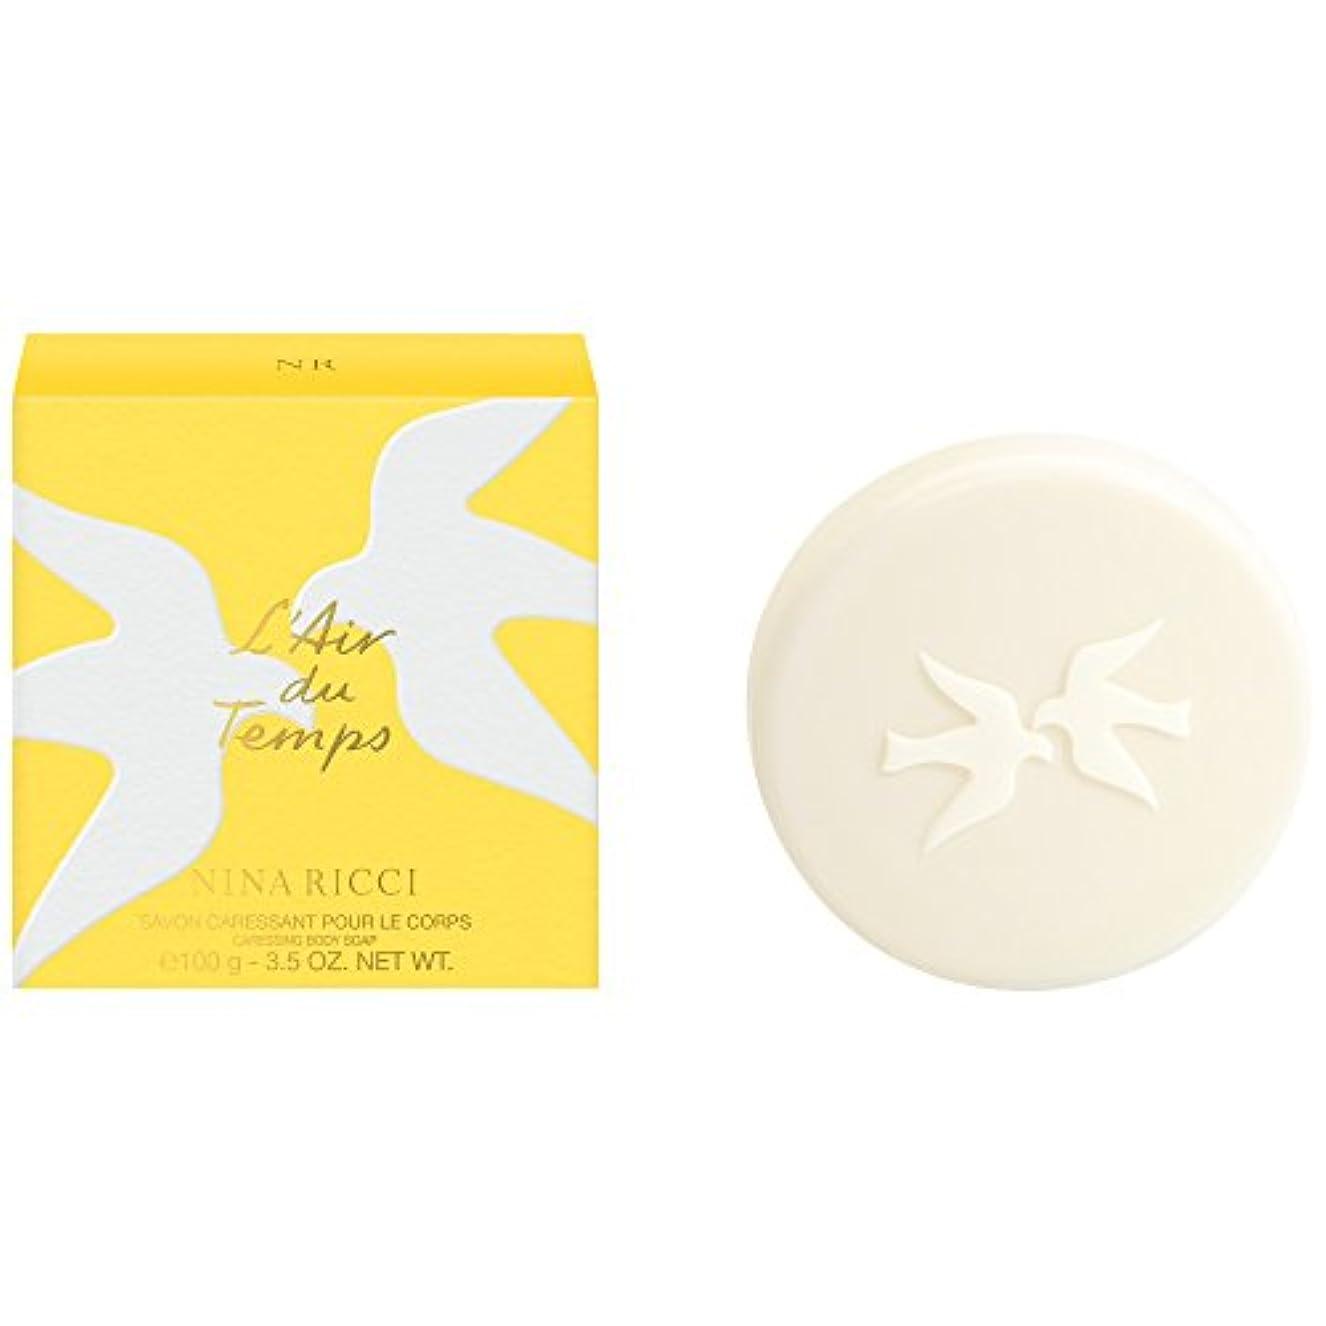 ホラーいつか音ニナリッチL'空気デュは石鹸の100グラムをタン (Nina Ricci) (x2) - Nina Ricci L'Air du Temps Soap 100g (Pack of 2) [並行輸入品]